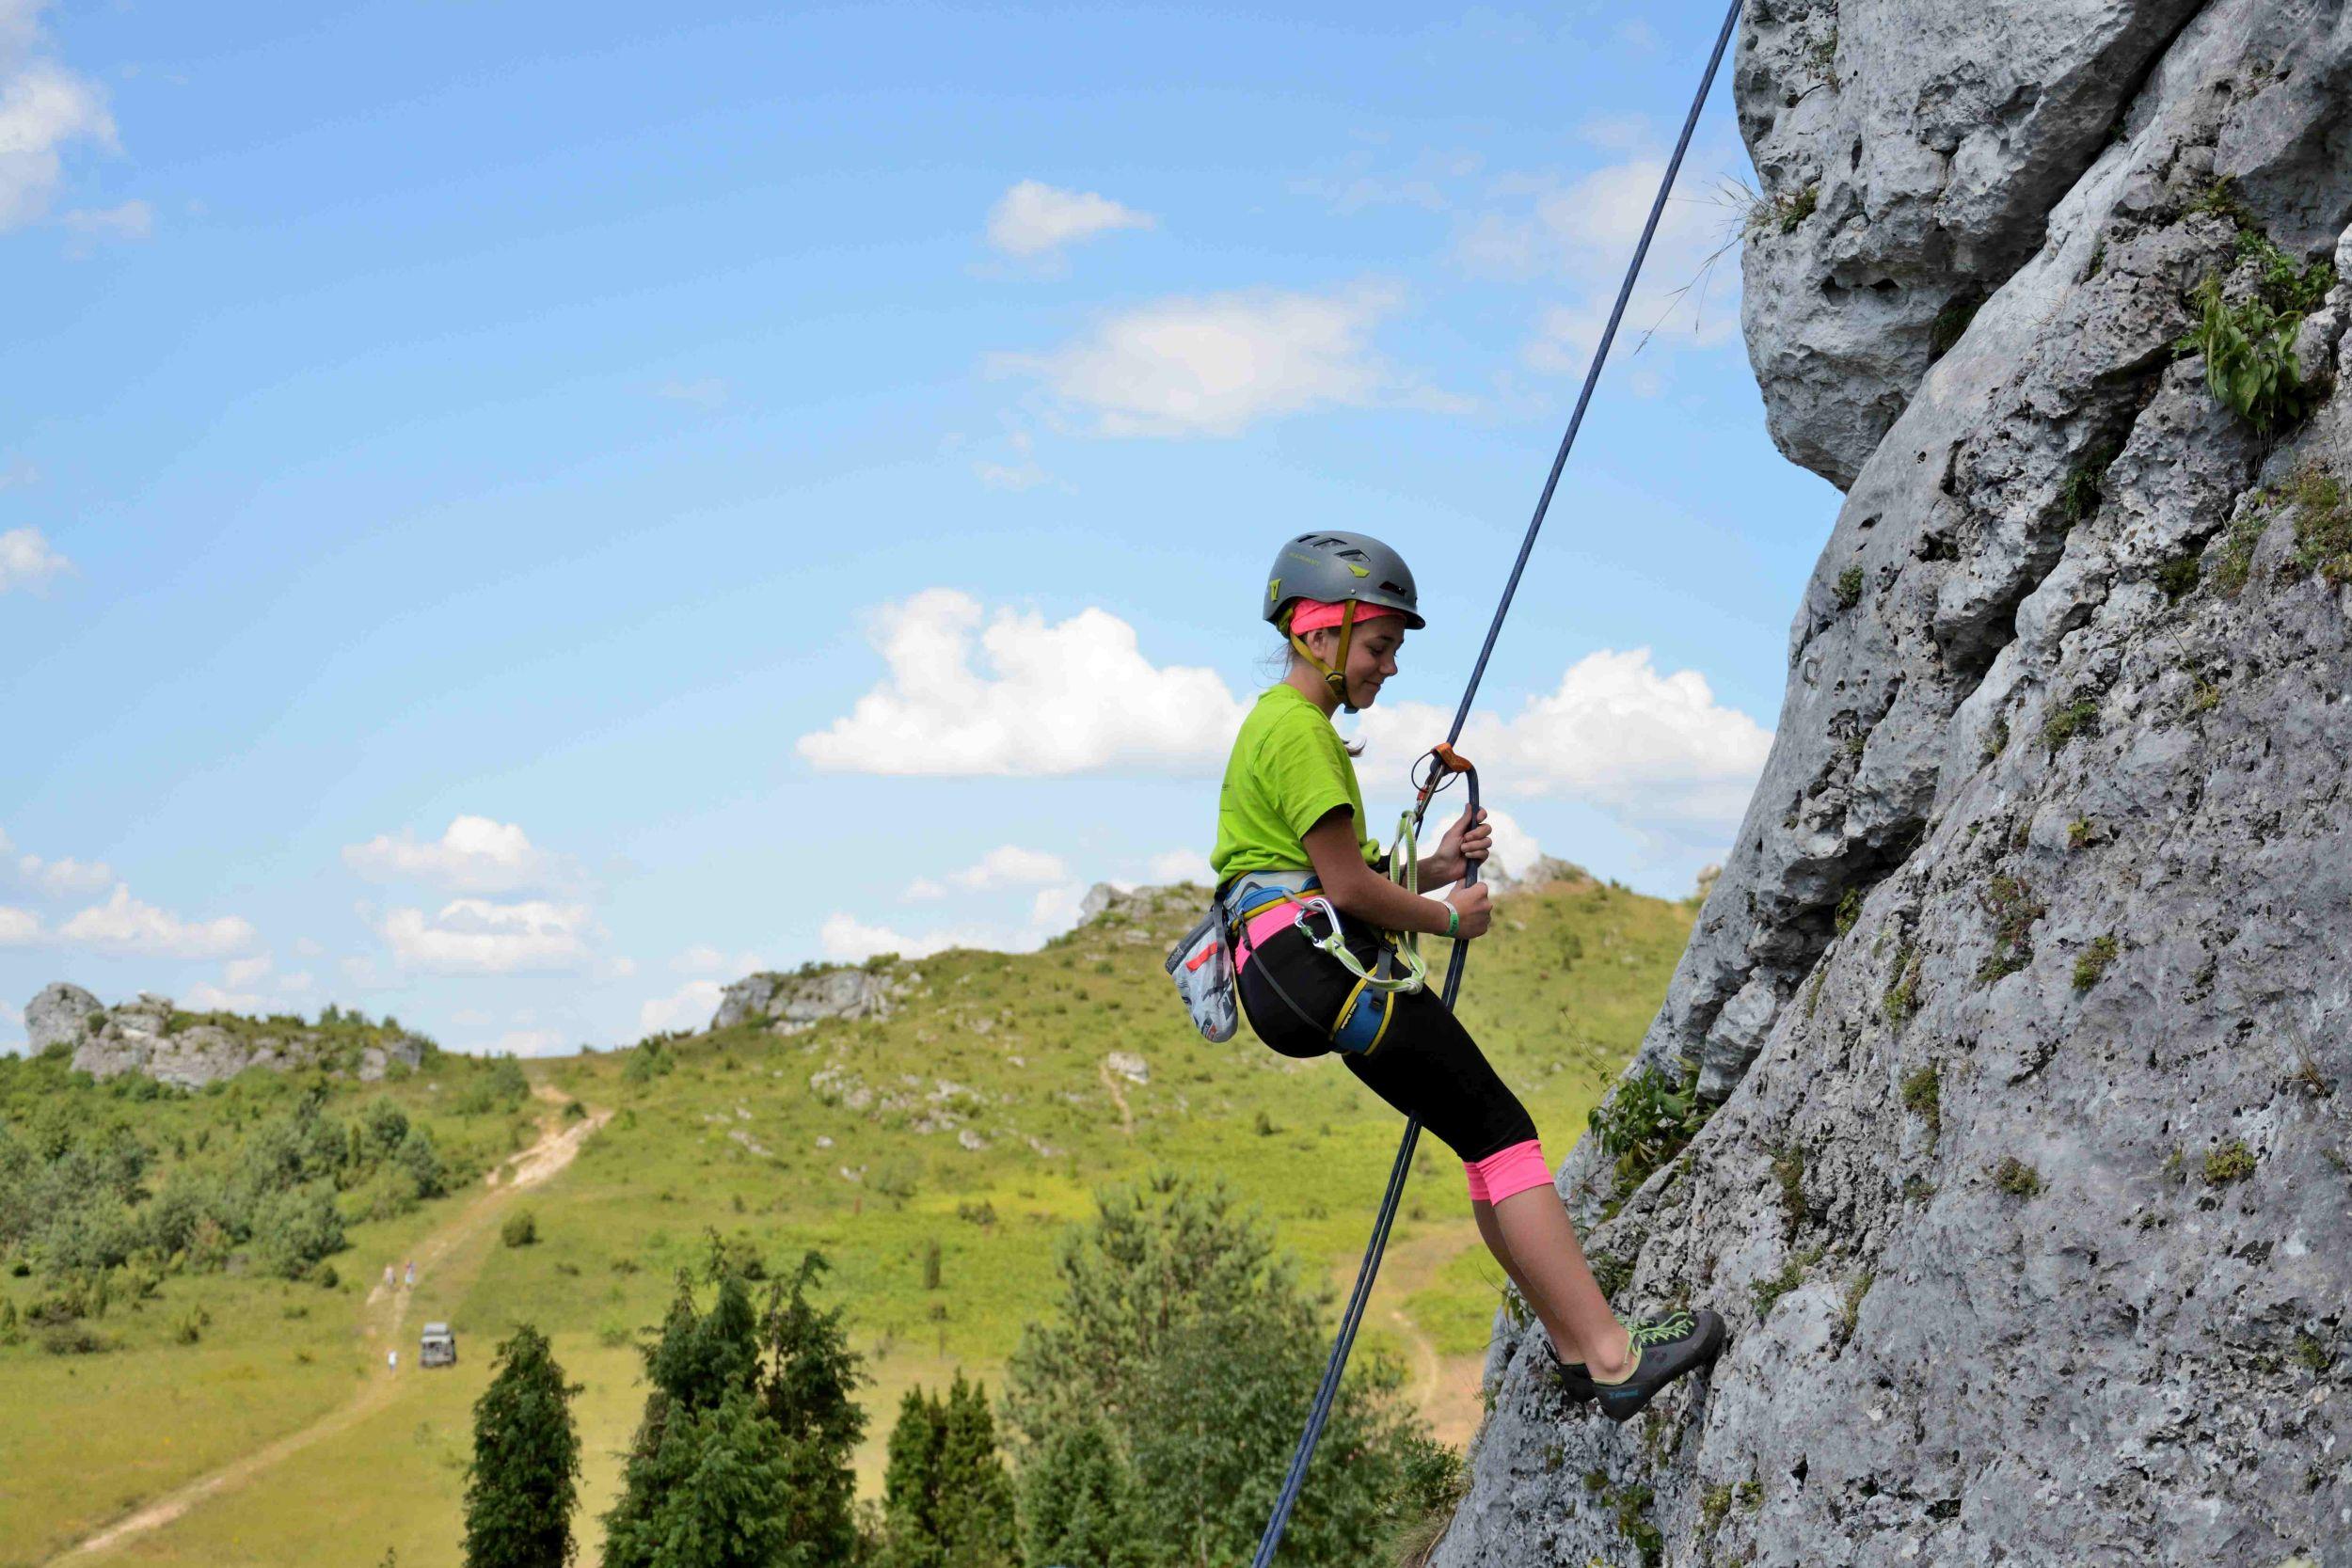 Soustředění horolezců – Naše tradice v Polsku